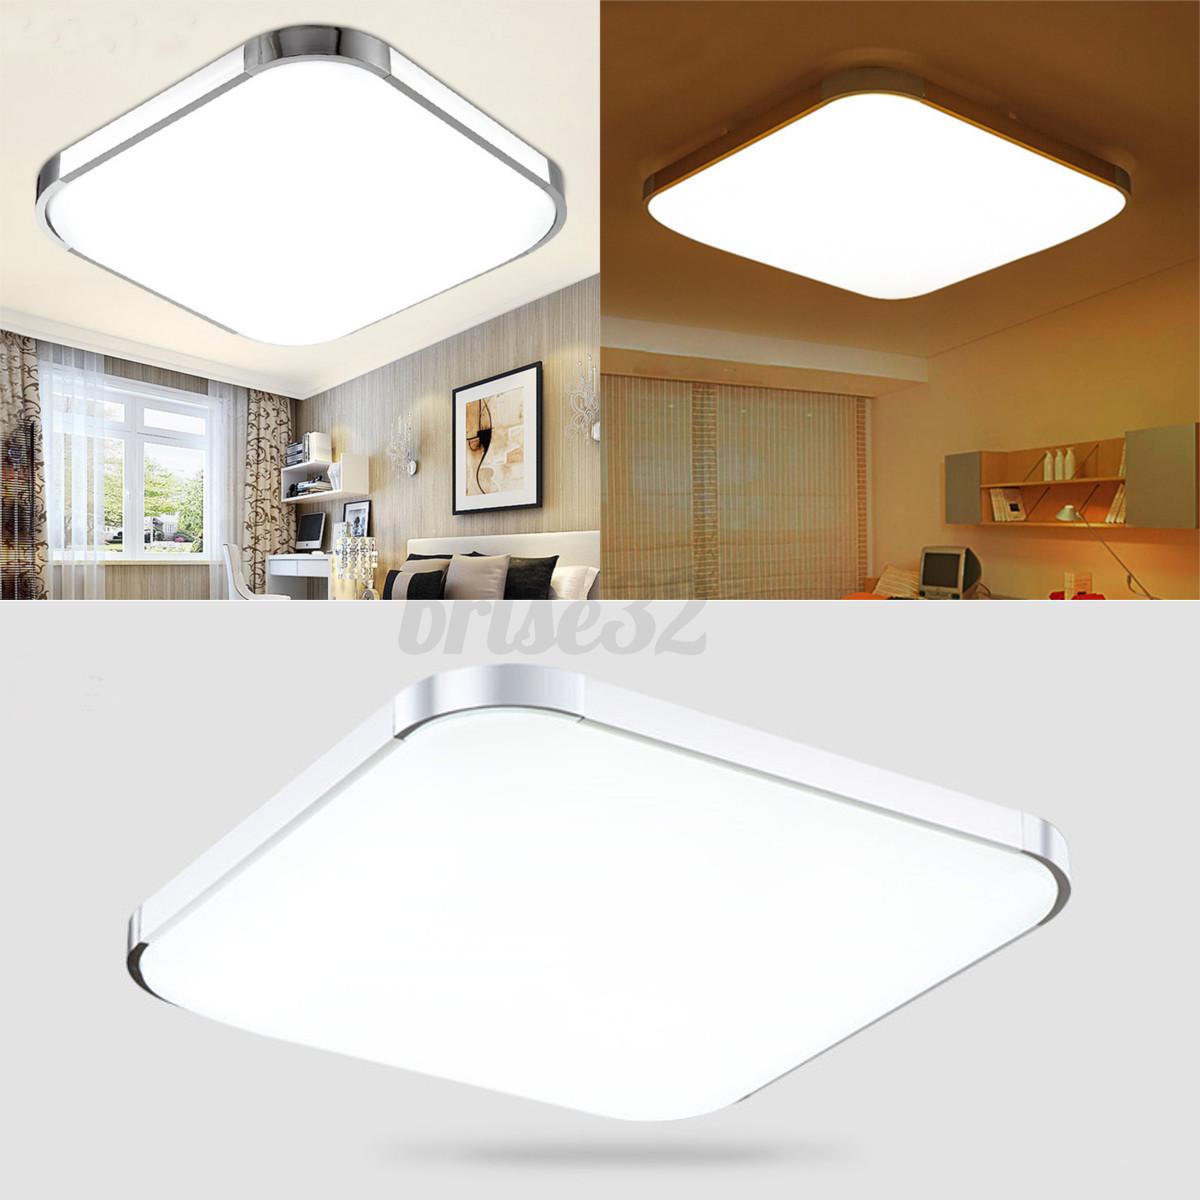 modern led square ceiling down light bedroom living room lamp surface mount new ebay. Black Bedroom Furniture Sets. Home Design Ideas